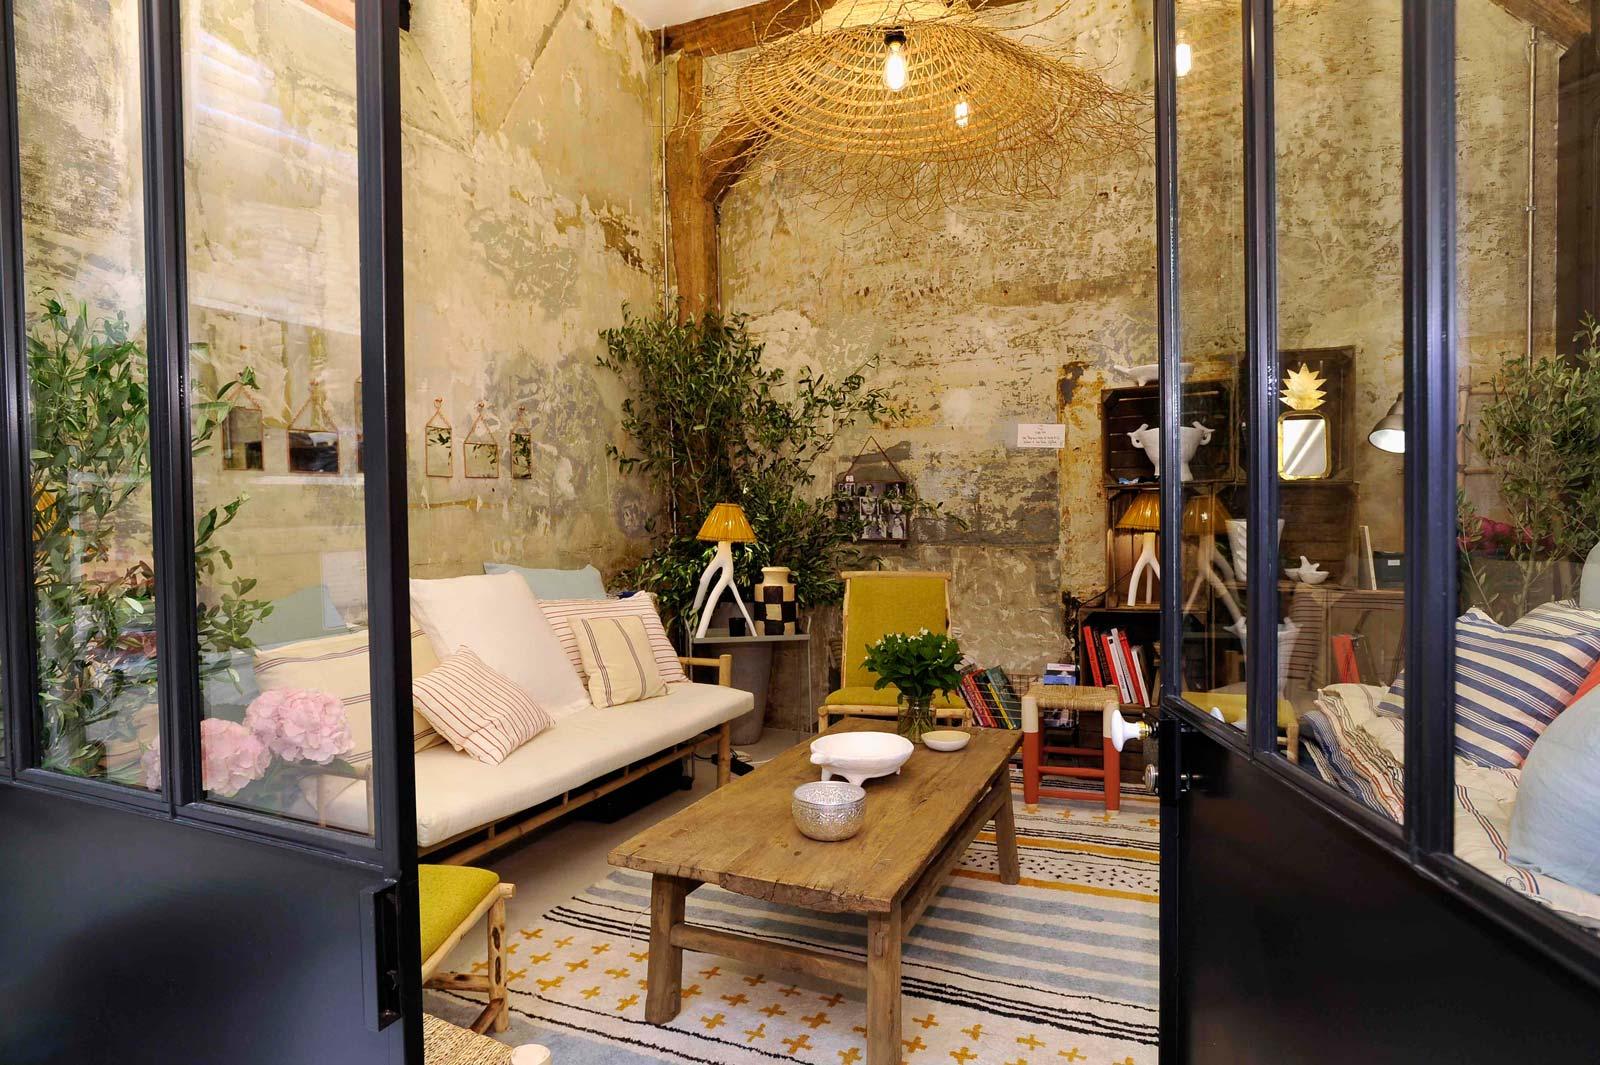 La boutique di ines de la fressange a parigi moda e lifestyle for Interni case parigine